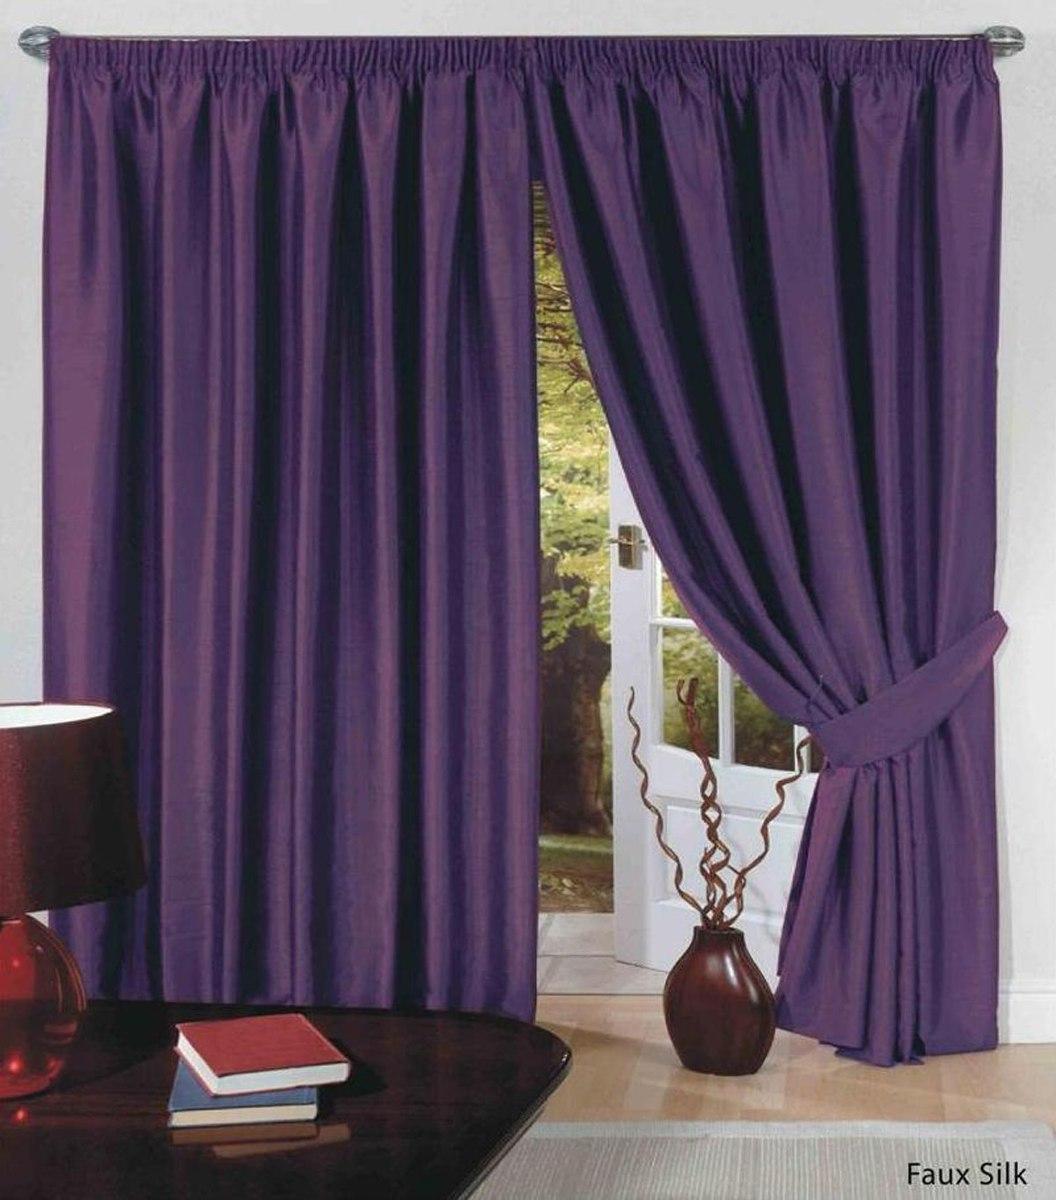 Cortinas en tela raso elegantes para sala y habitacion - Tela para cortina ...